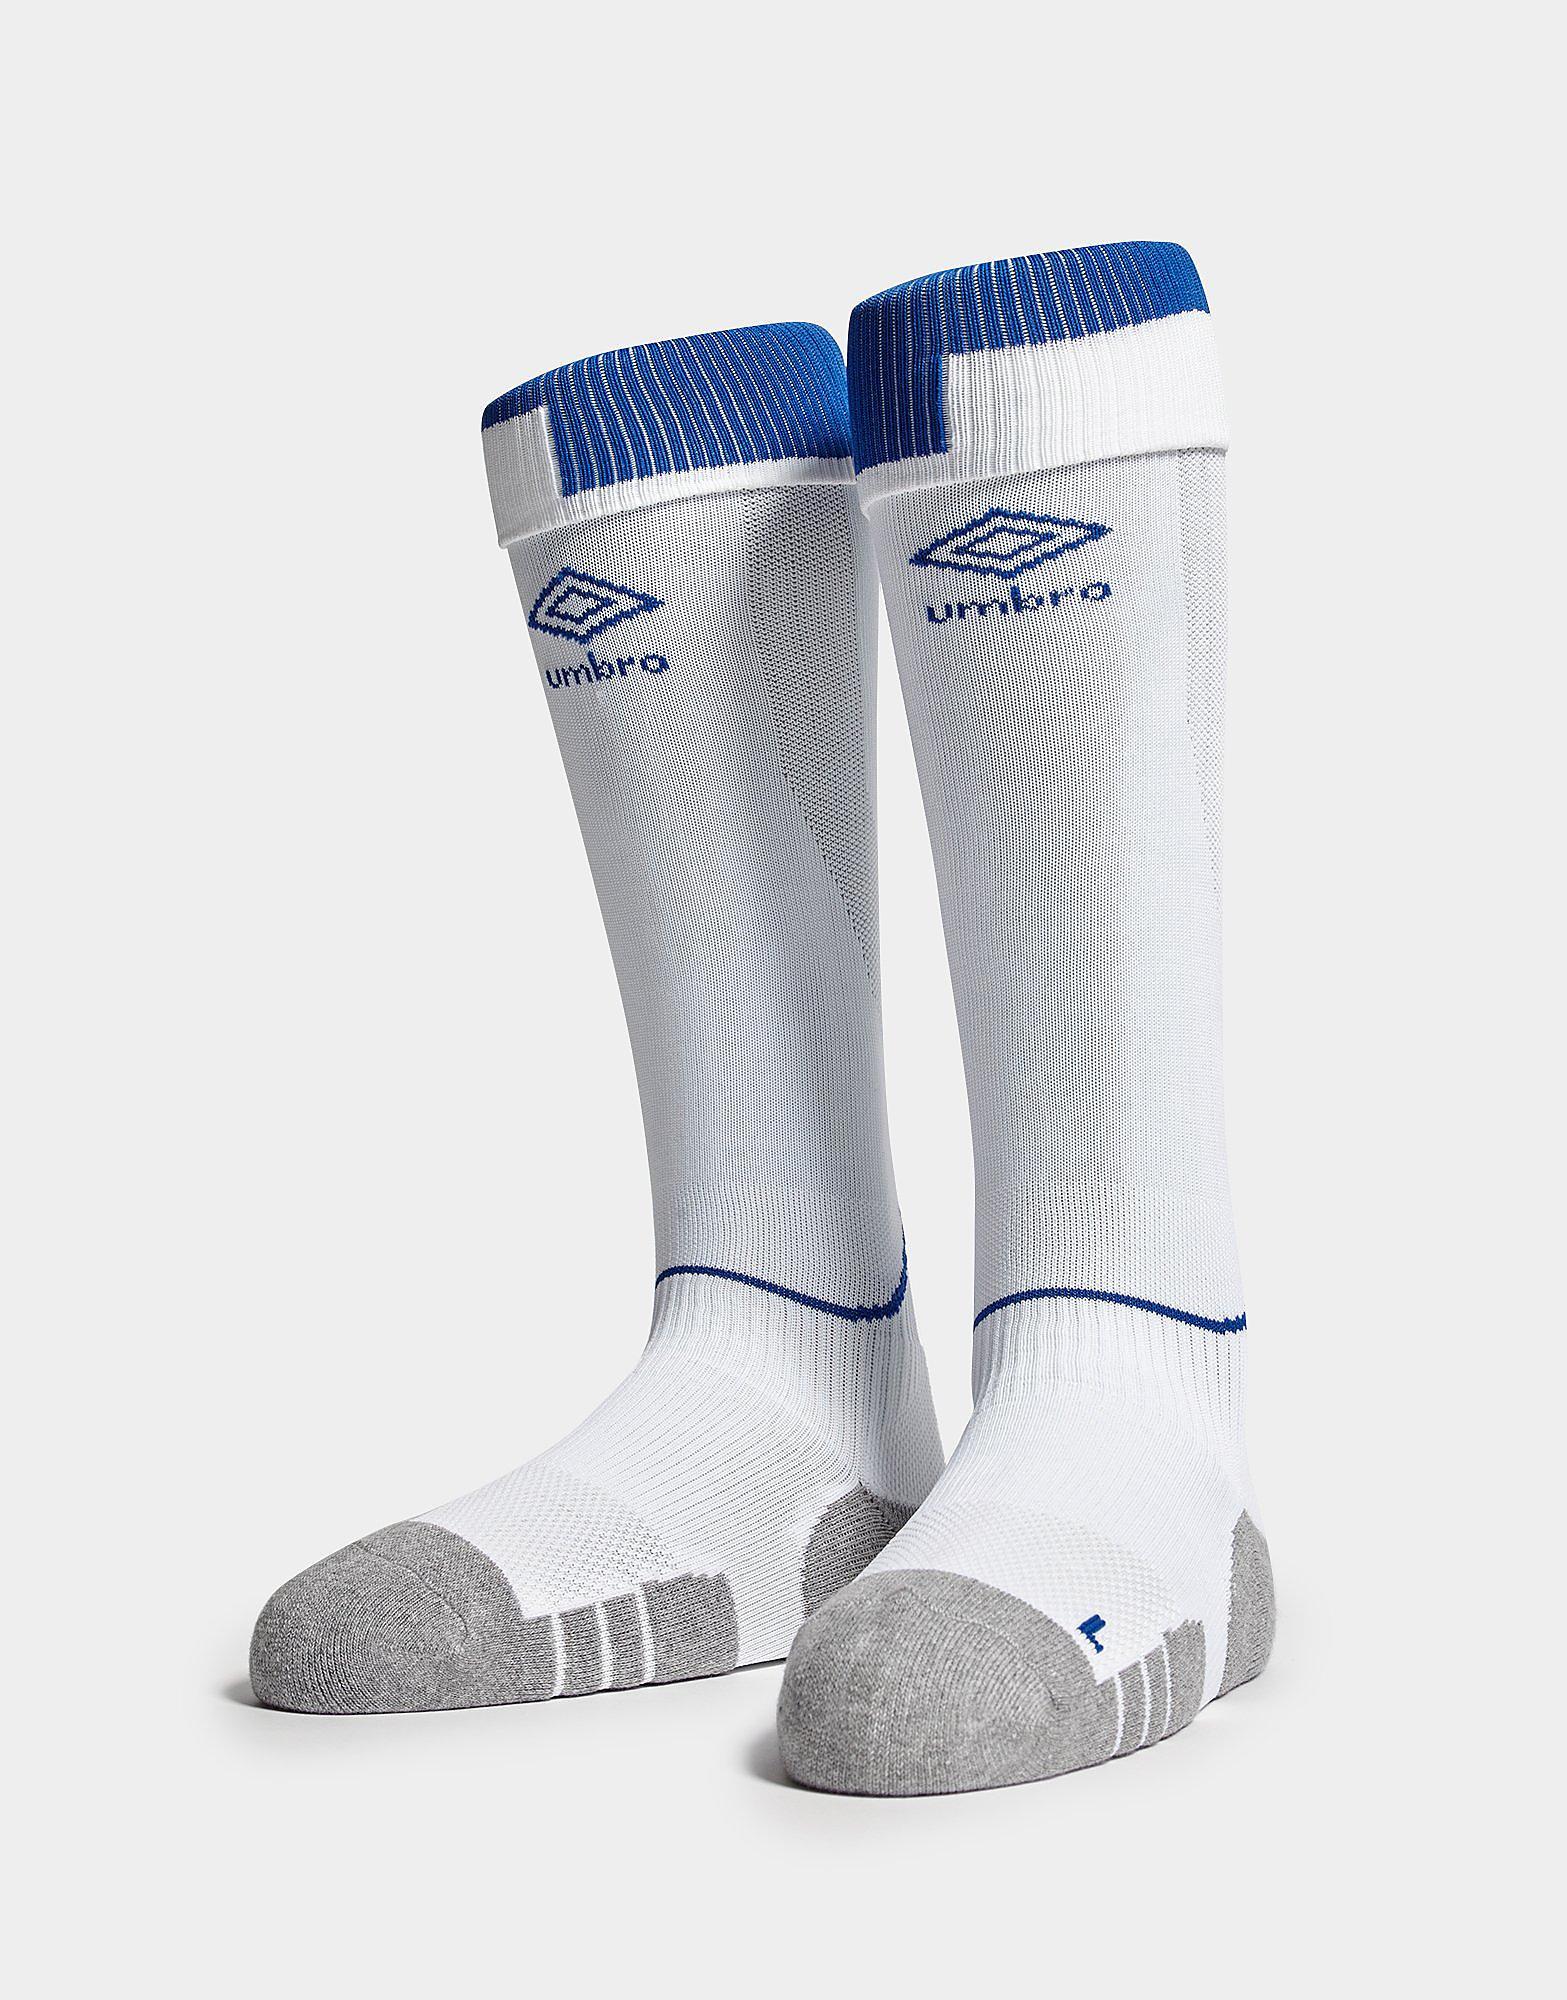 Umbro Everton FC 2018/19 Home Socks Heren